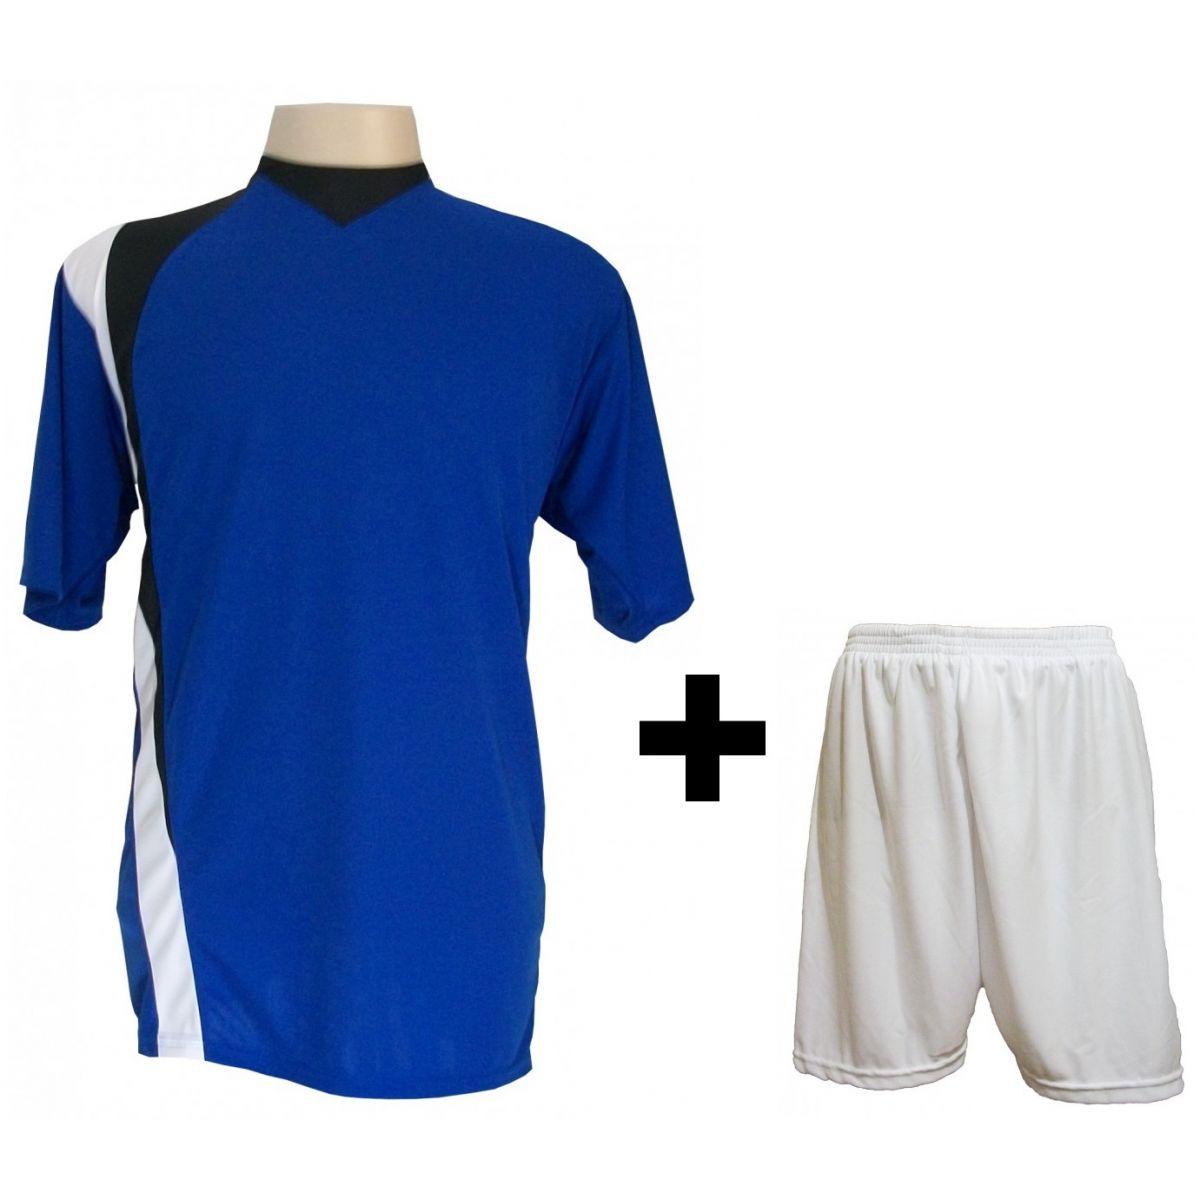 Uniforme Esportivo com 14 camisas modelo PSG Royal/Preto/Branco + 14 calções modelo Madrid + 1 Goleiro